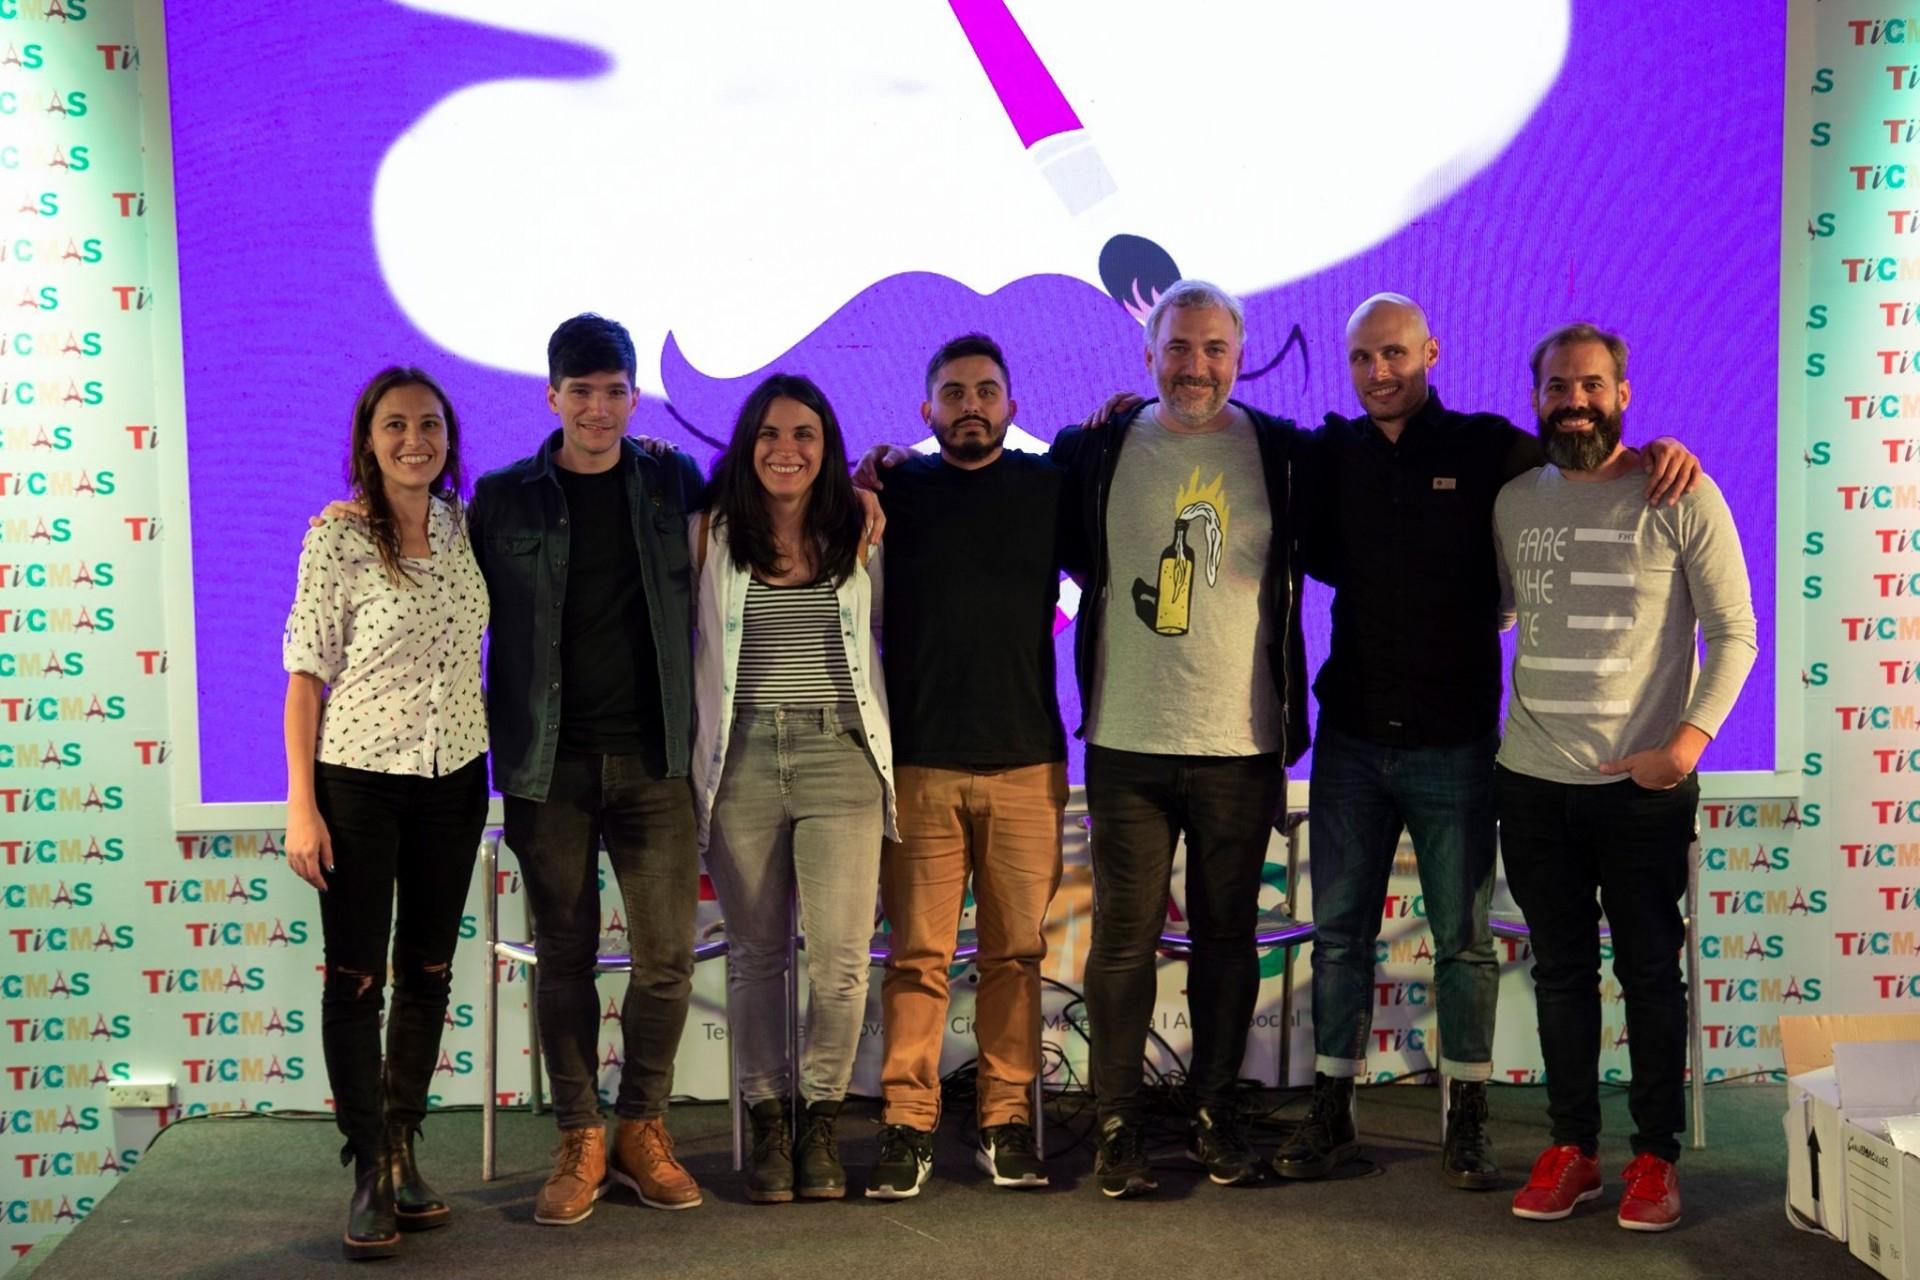 Conversaciones sobre diseño y creatividad. Feria del libro de Buenos Aires.